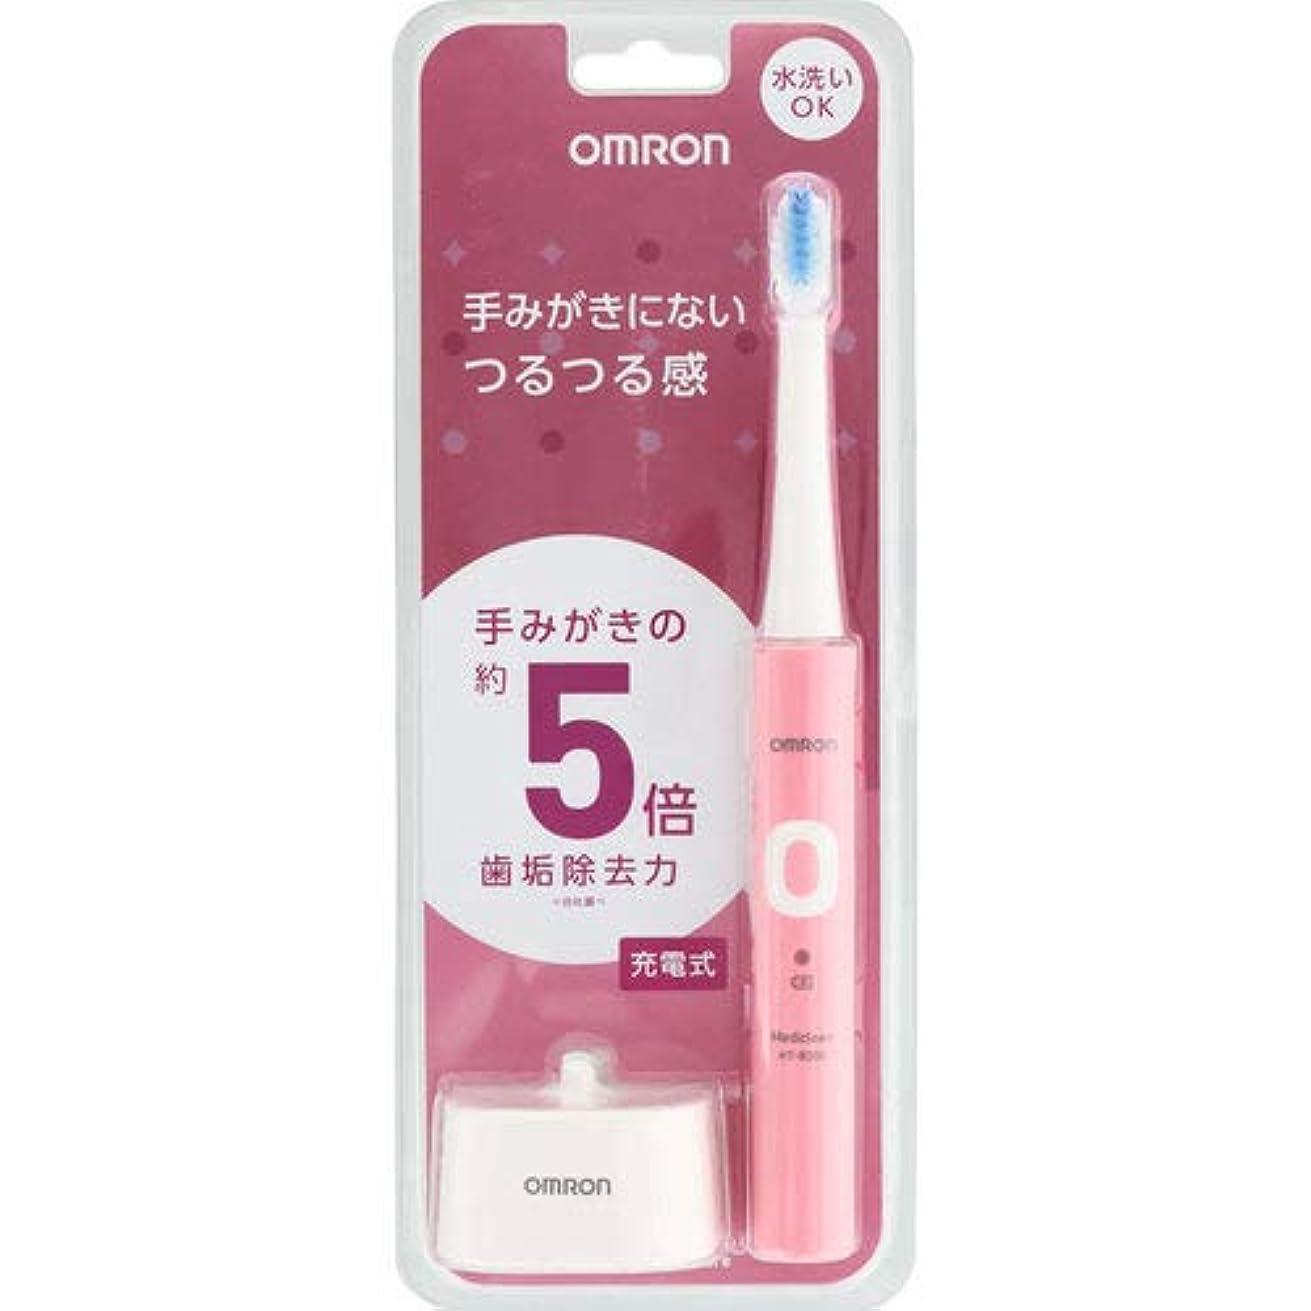 大学院フルーツ野菜免疫オムロン 電動歯ブラシ HT-B303-PK ピンク 充電式